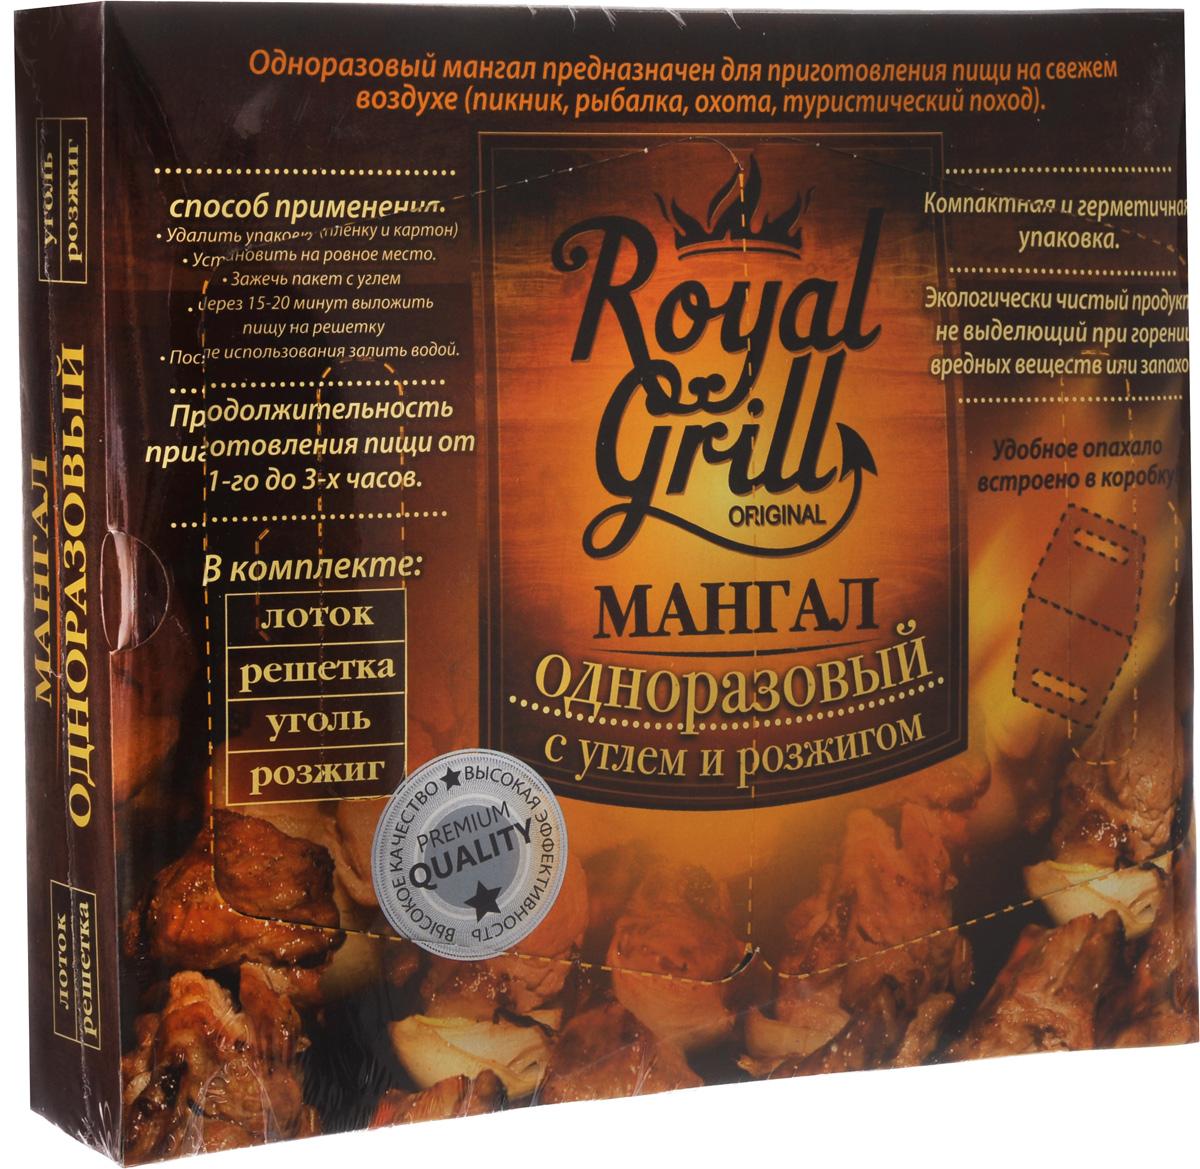 Мангал одноразовый RoyalGrill, с углем и розжигом мангал royalgrill добрыня 80 272